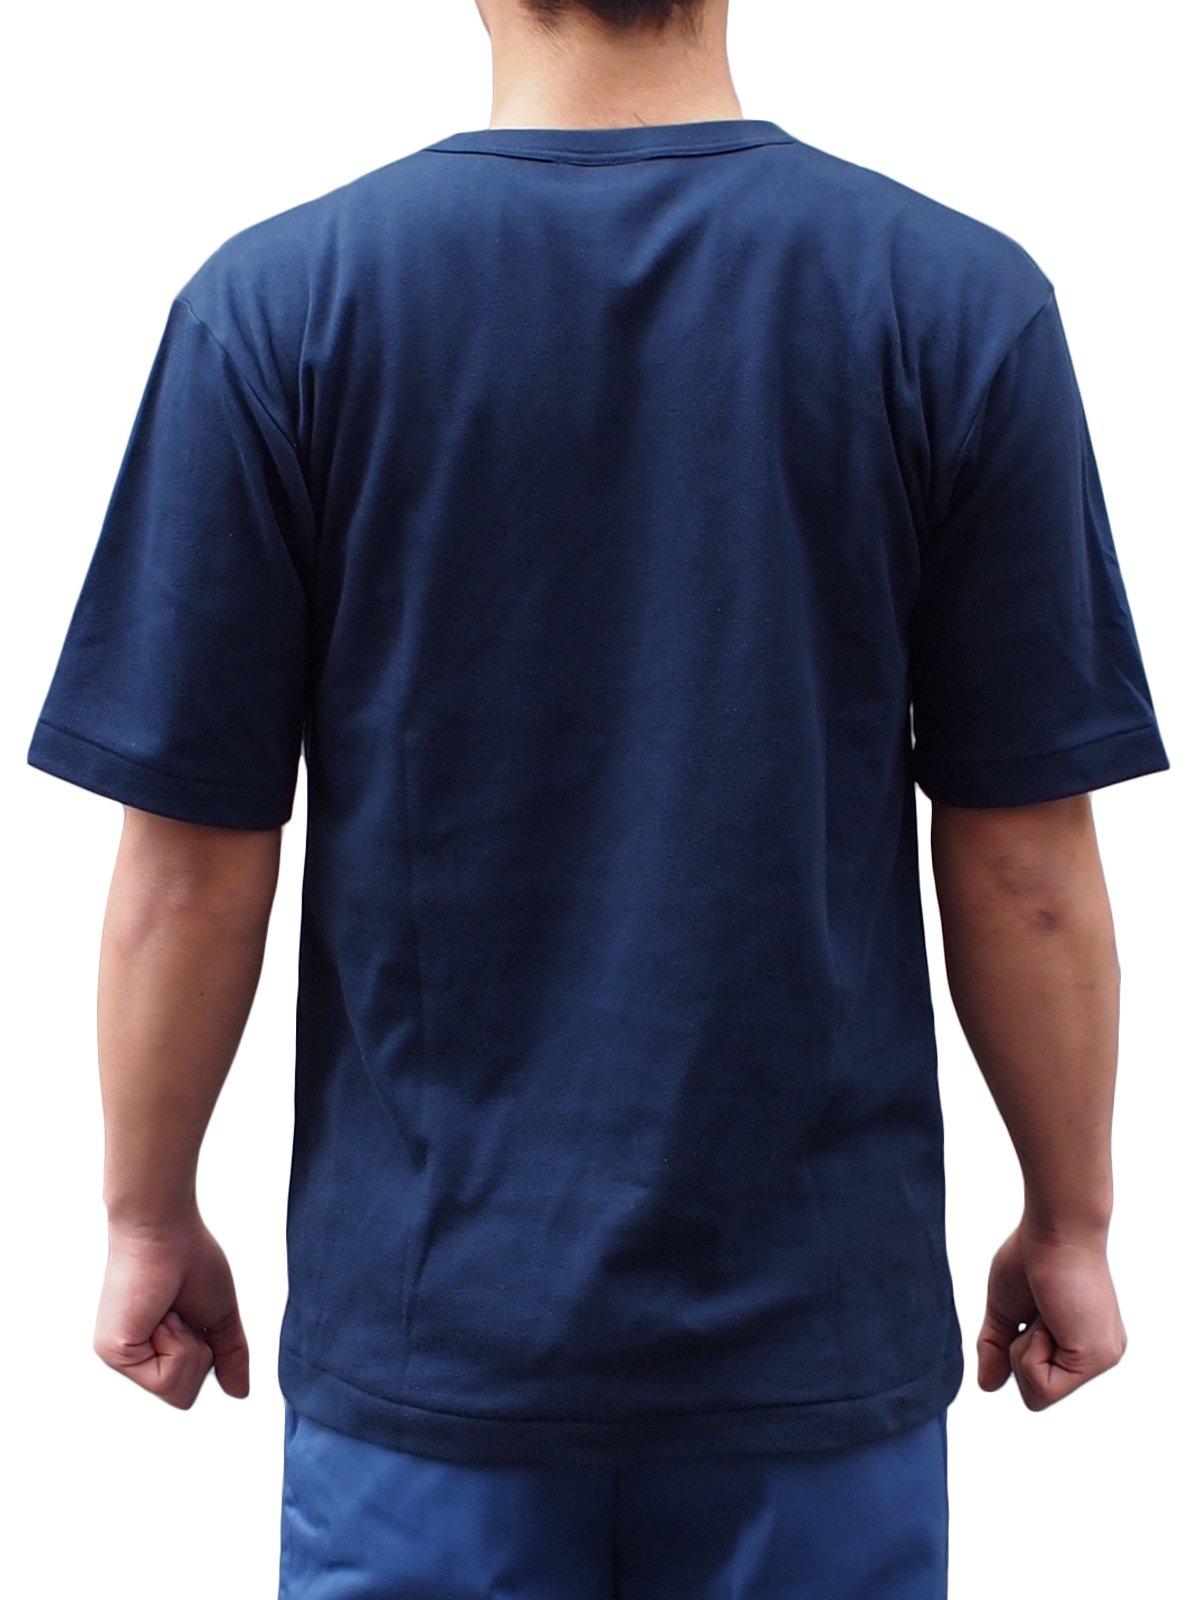 紺半袖パルパーTシャツ【画像2】